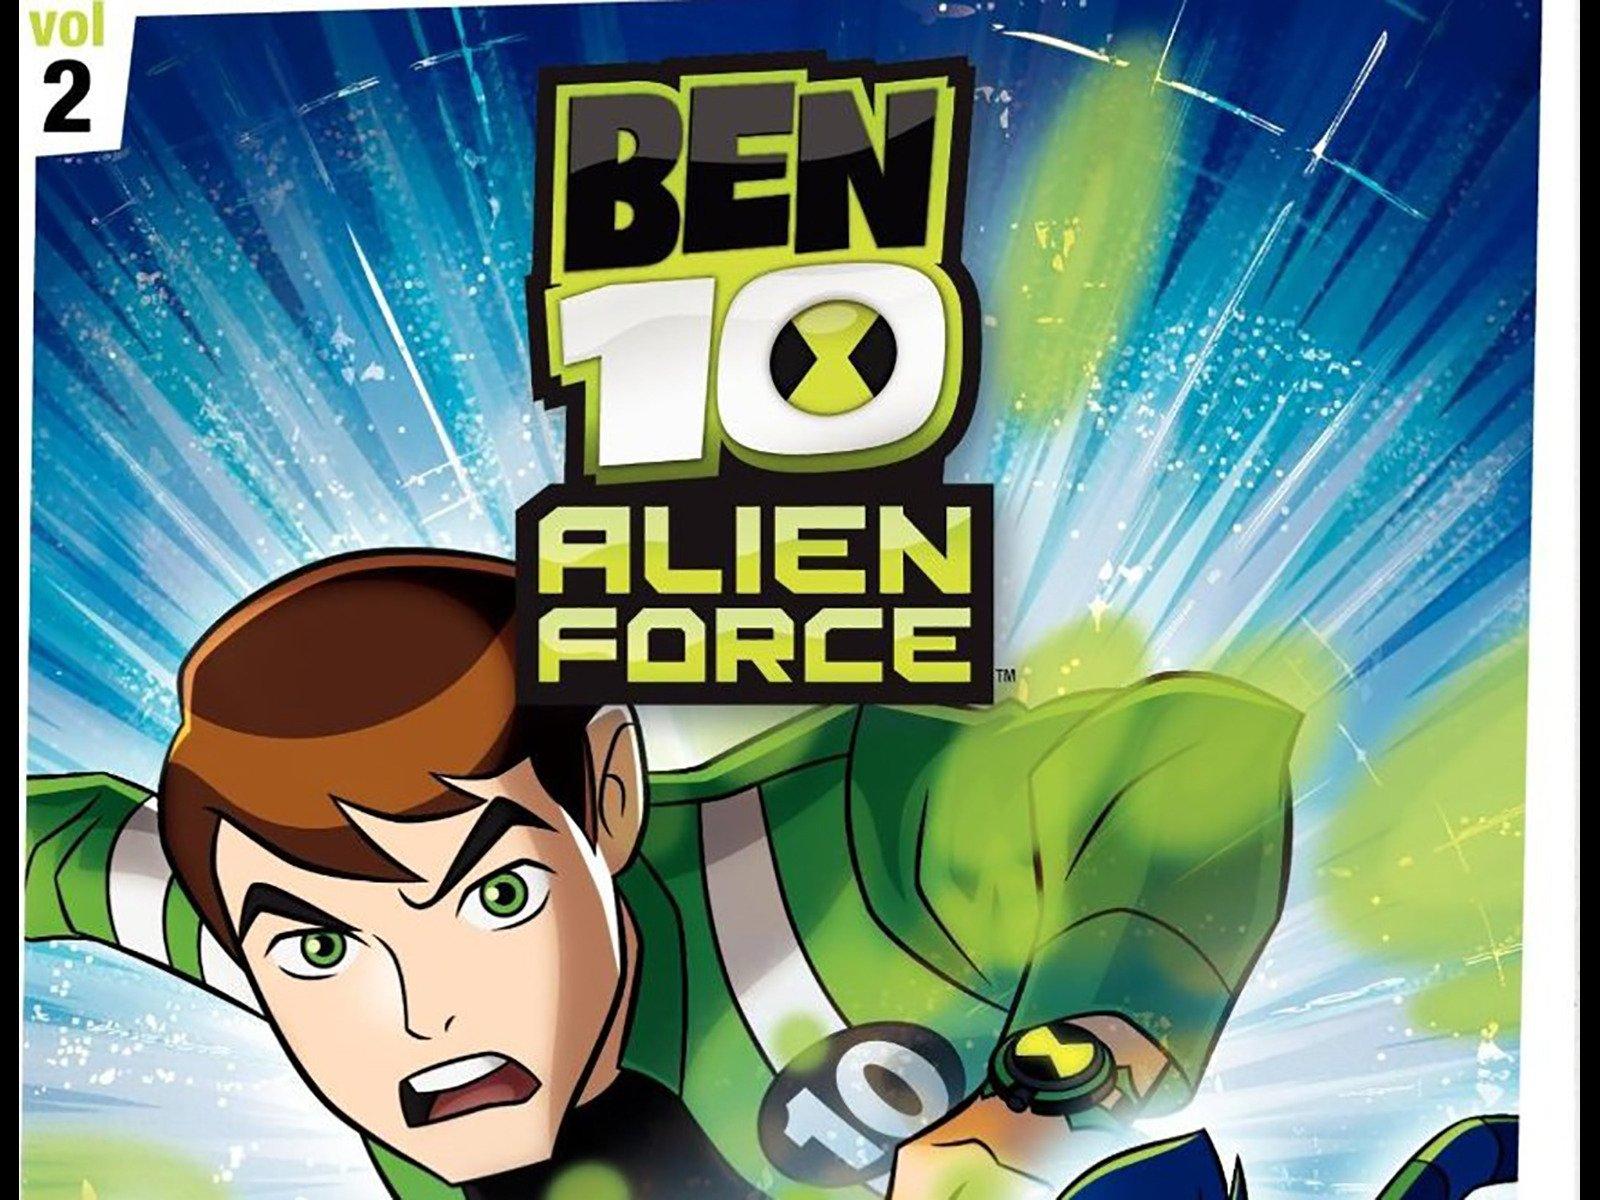 Watch Ben 10 Alien Force Season 2 Prime Video